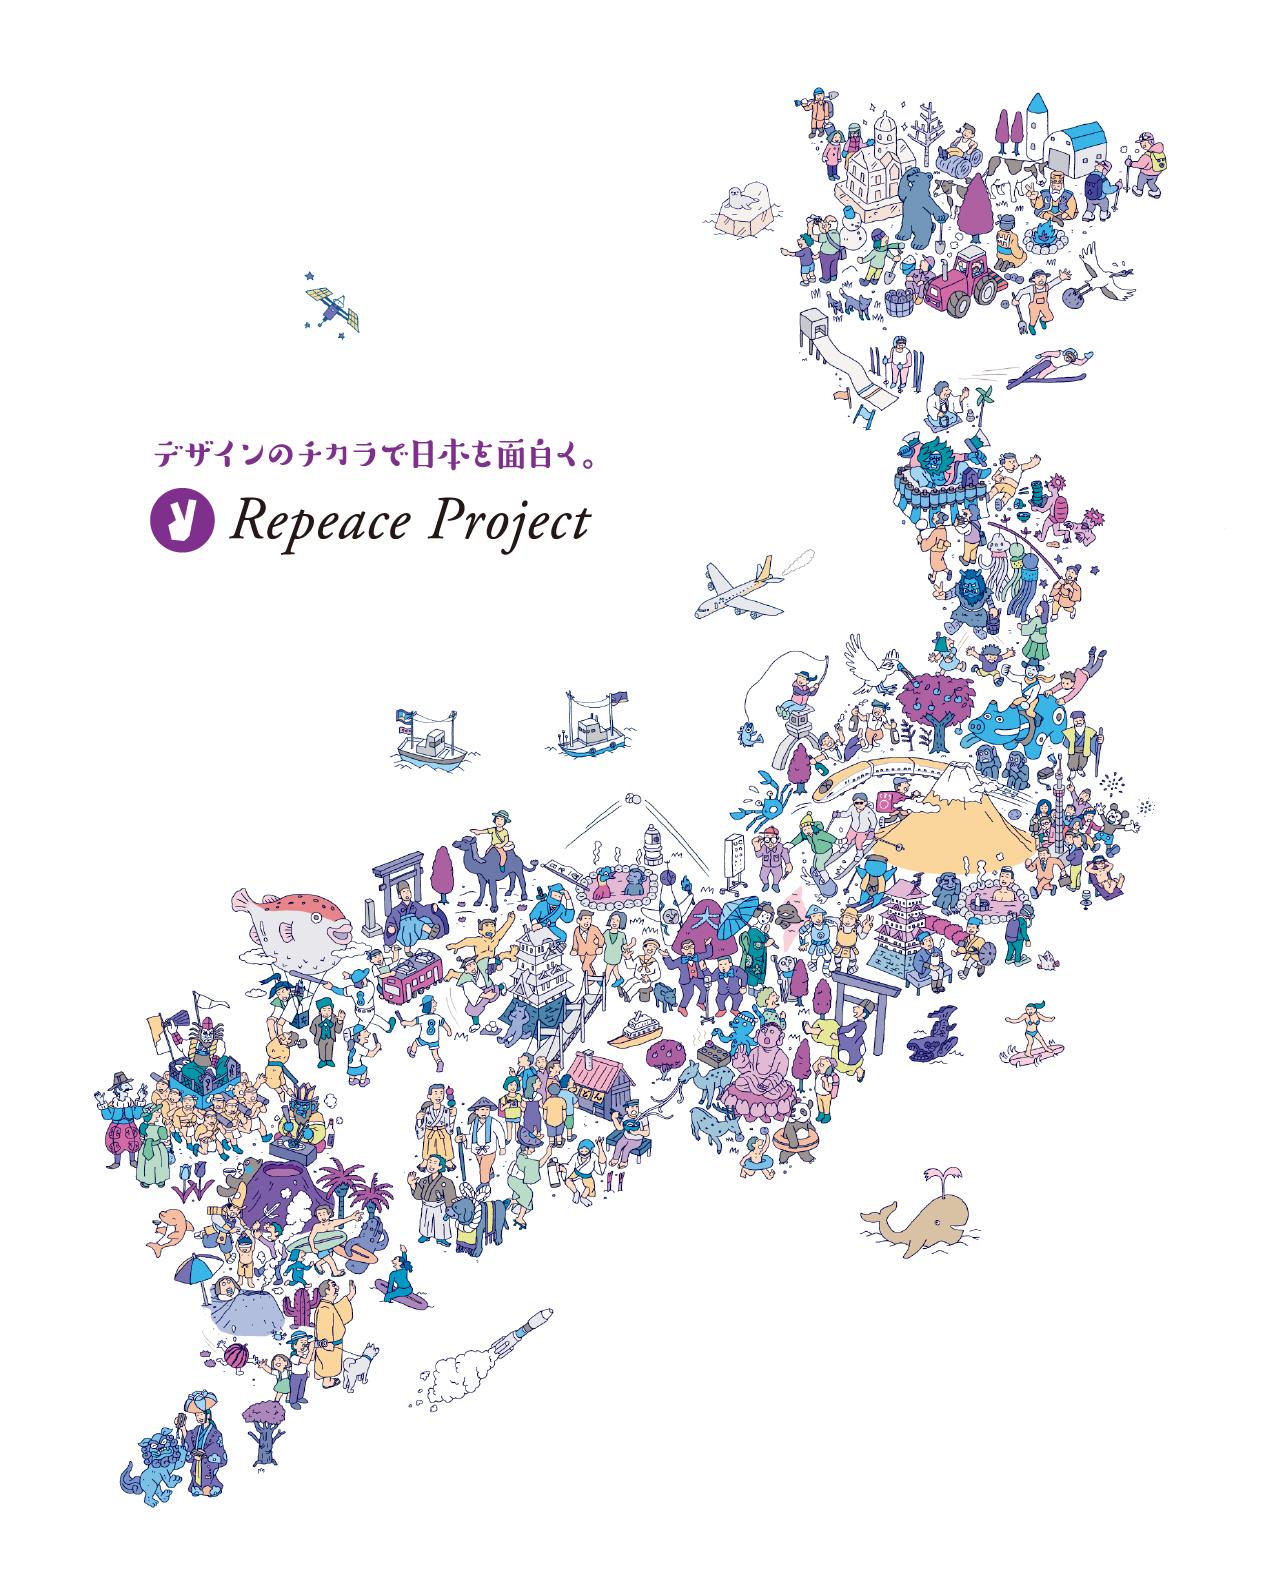 デザインのチカラで日本を面白く。- Repeace Project